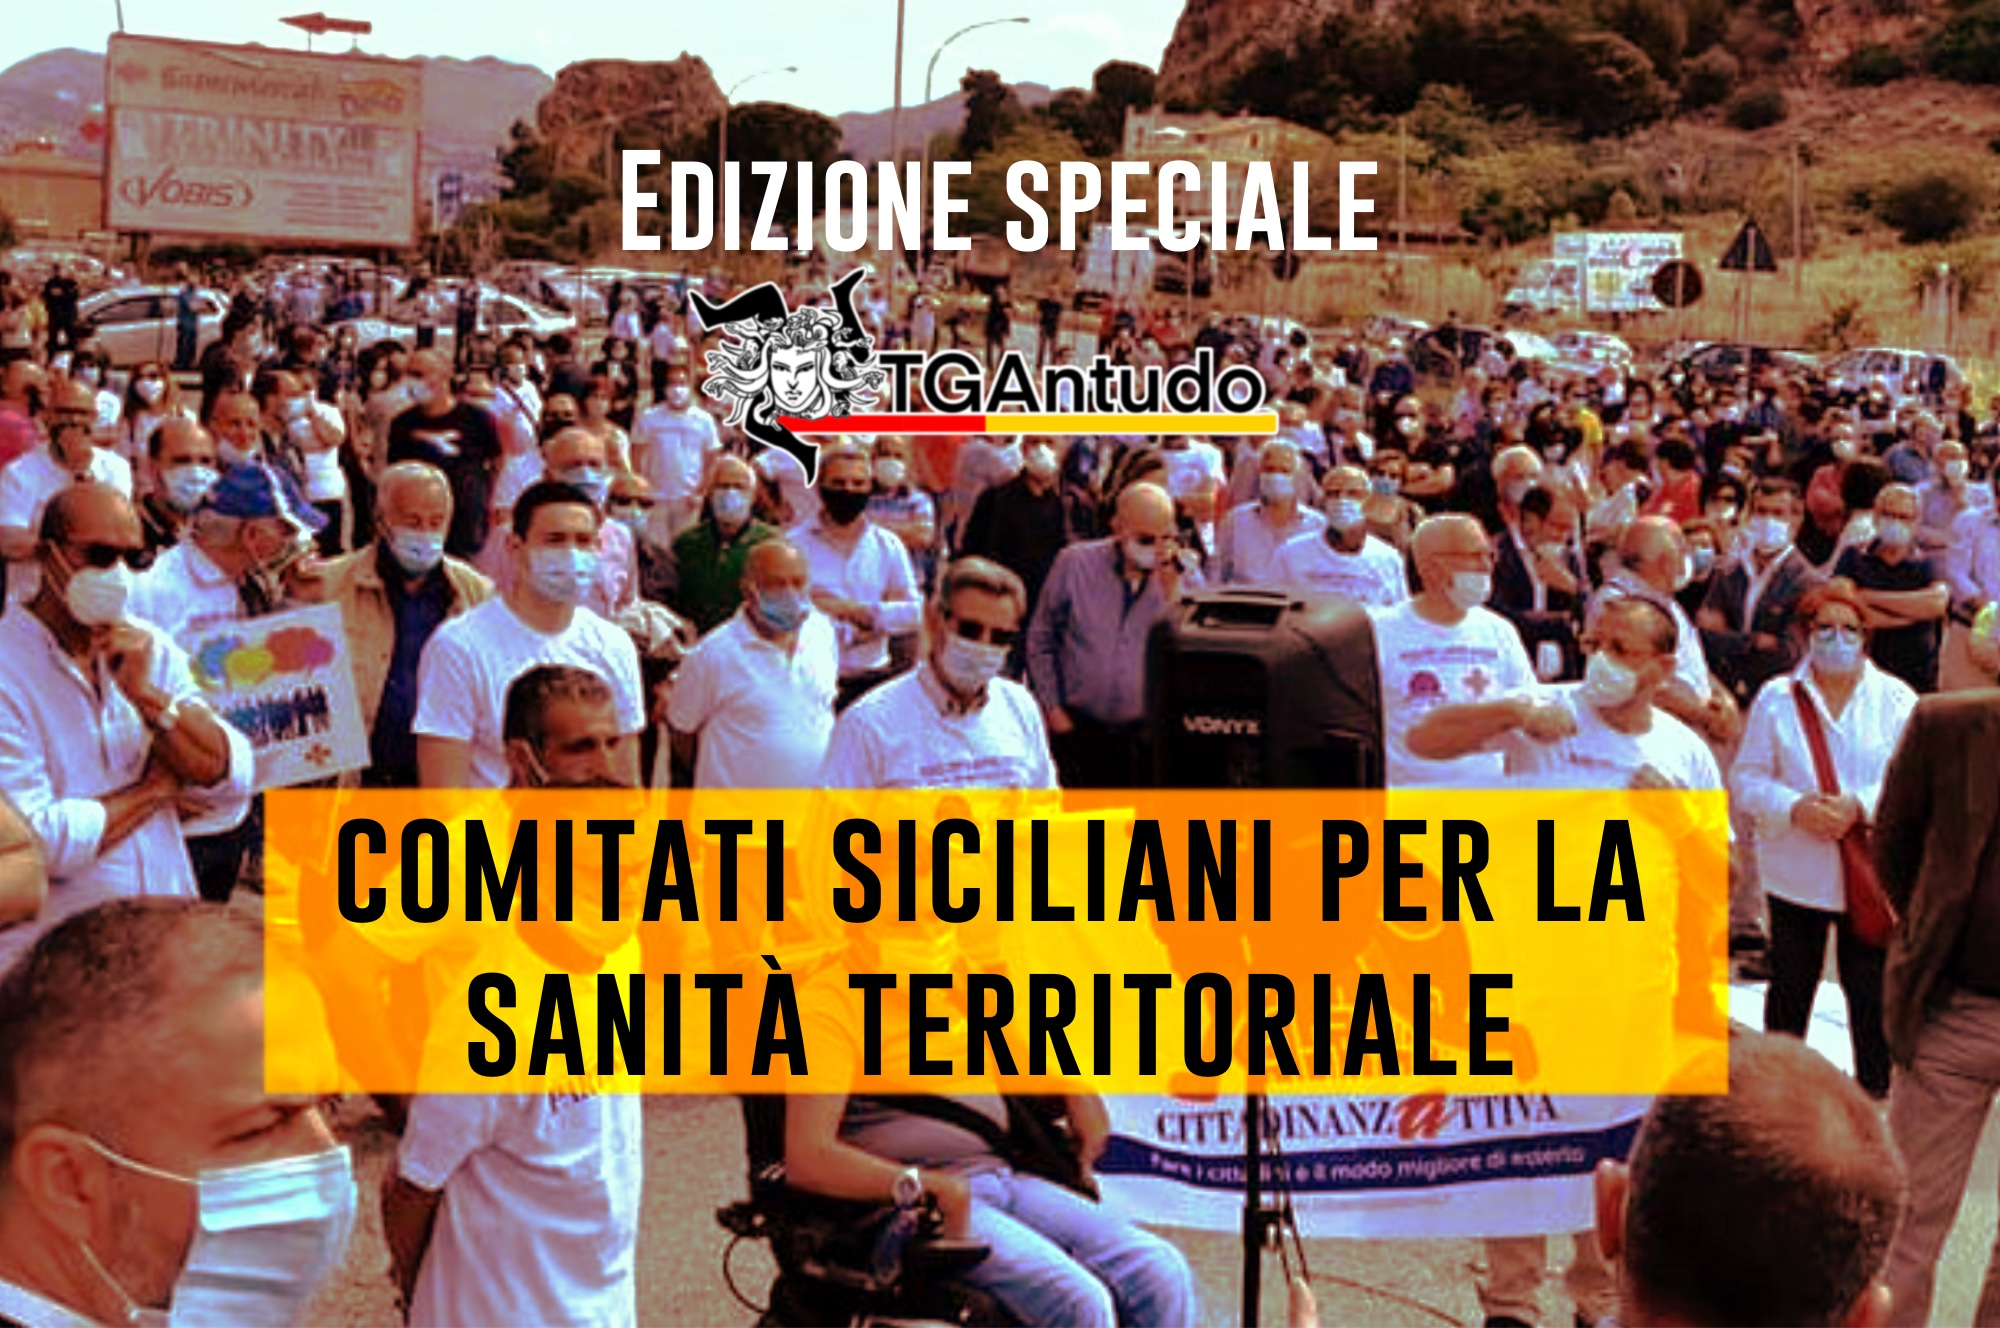 TGAntudo – Comitati siciliani per la sanità territoriale